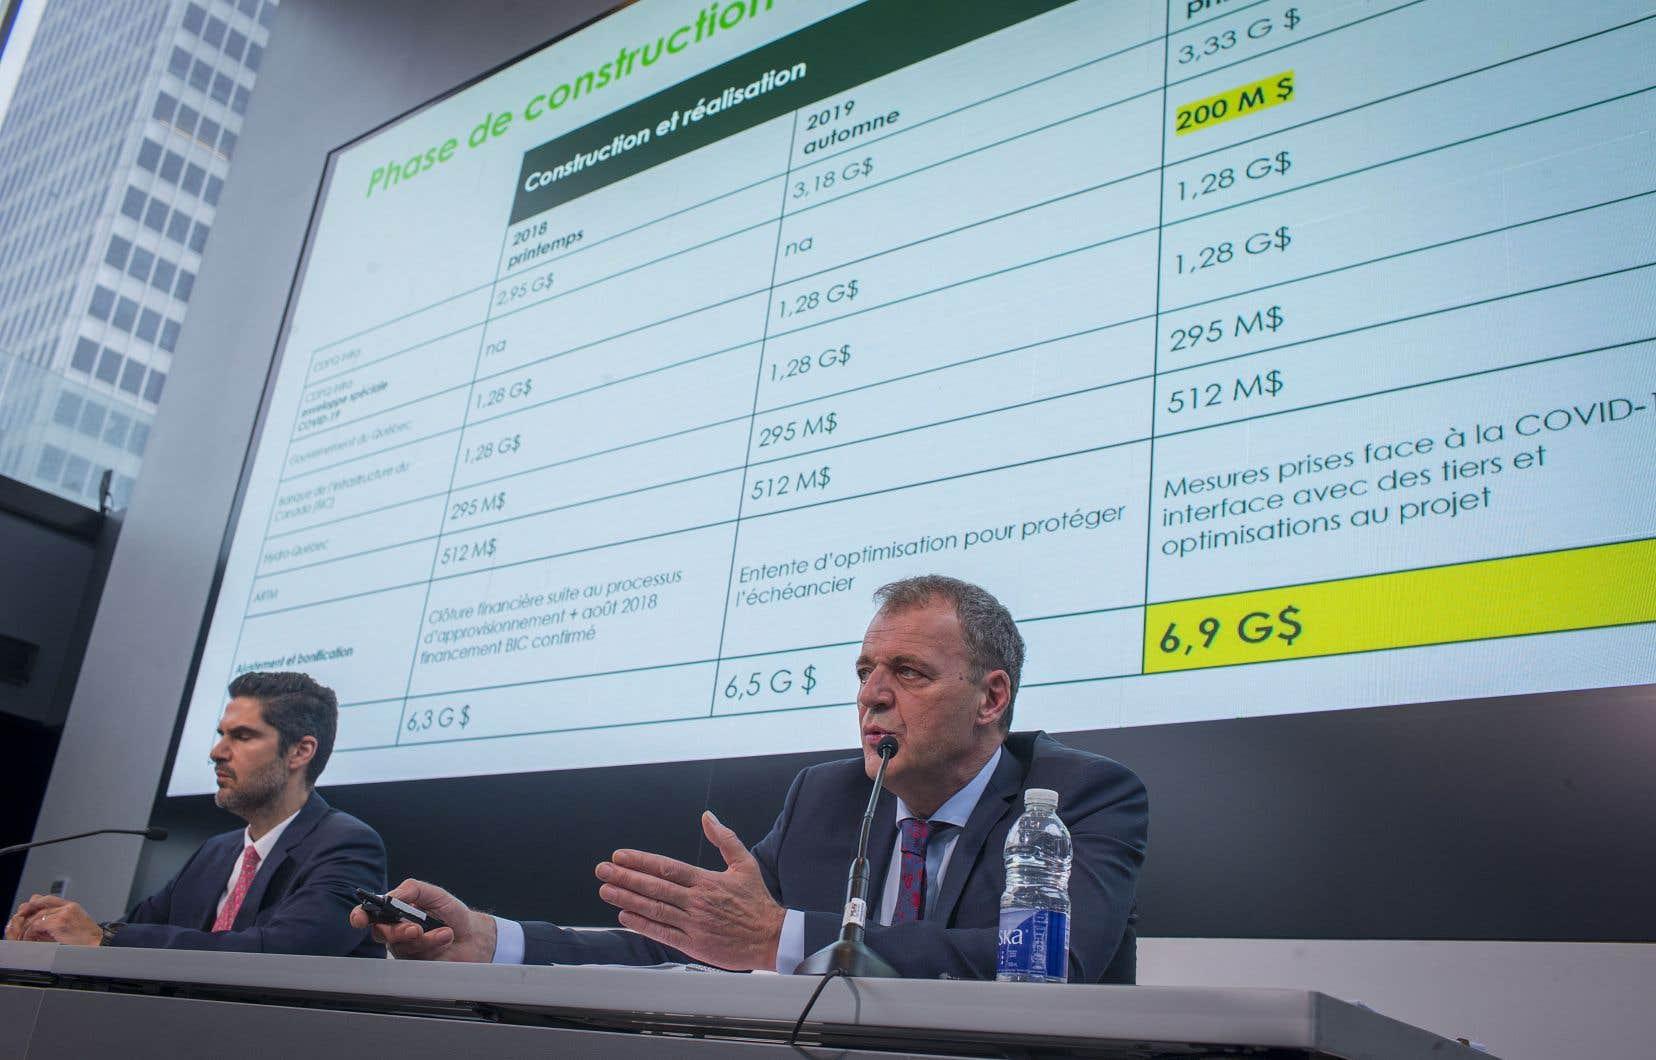 Cette augmentation des coûts de 350millions de dollars sera assumé en totalité par CDPQ Infra, a assuré sonprésident et chef de la direction, Jean-Marc Arbaud.